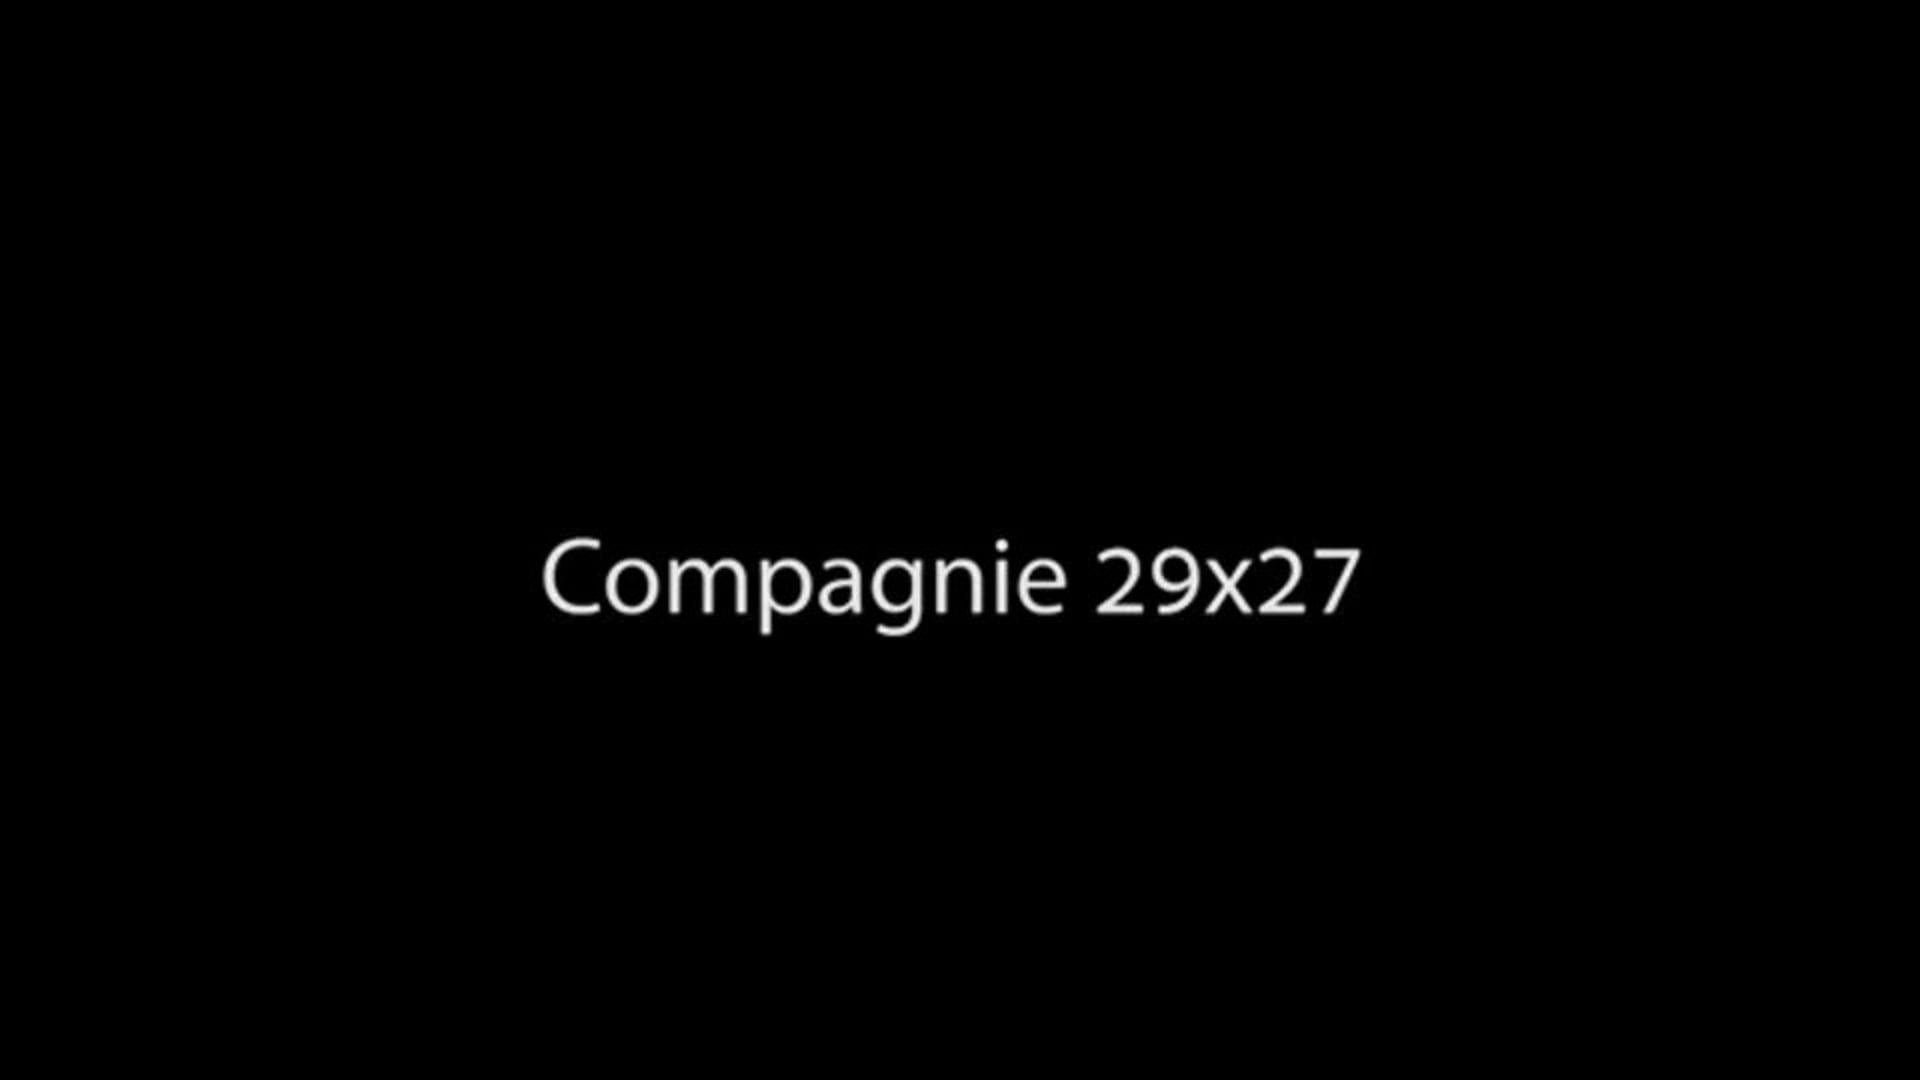 Présentation de la Compagnie 29x27